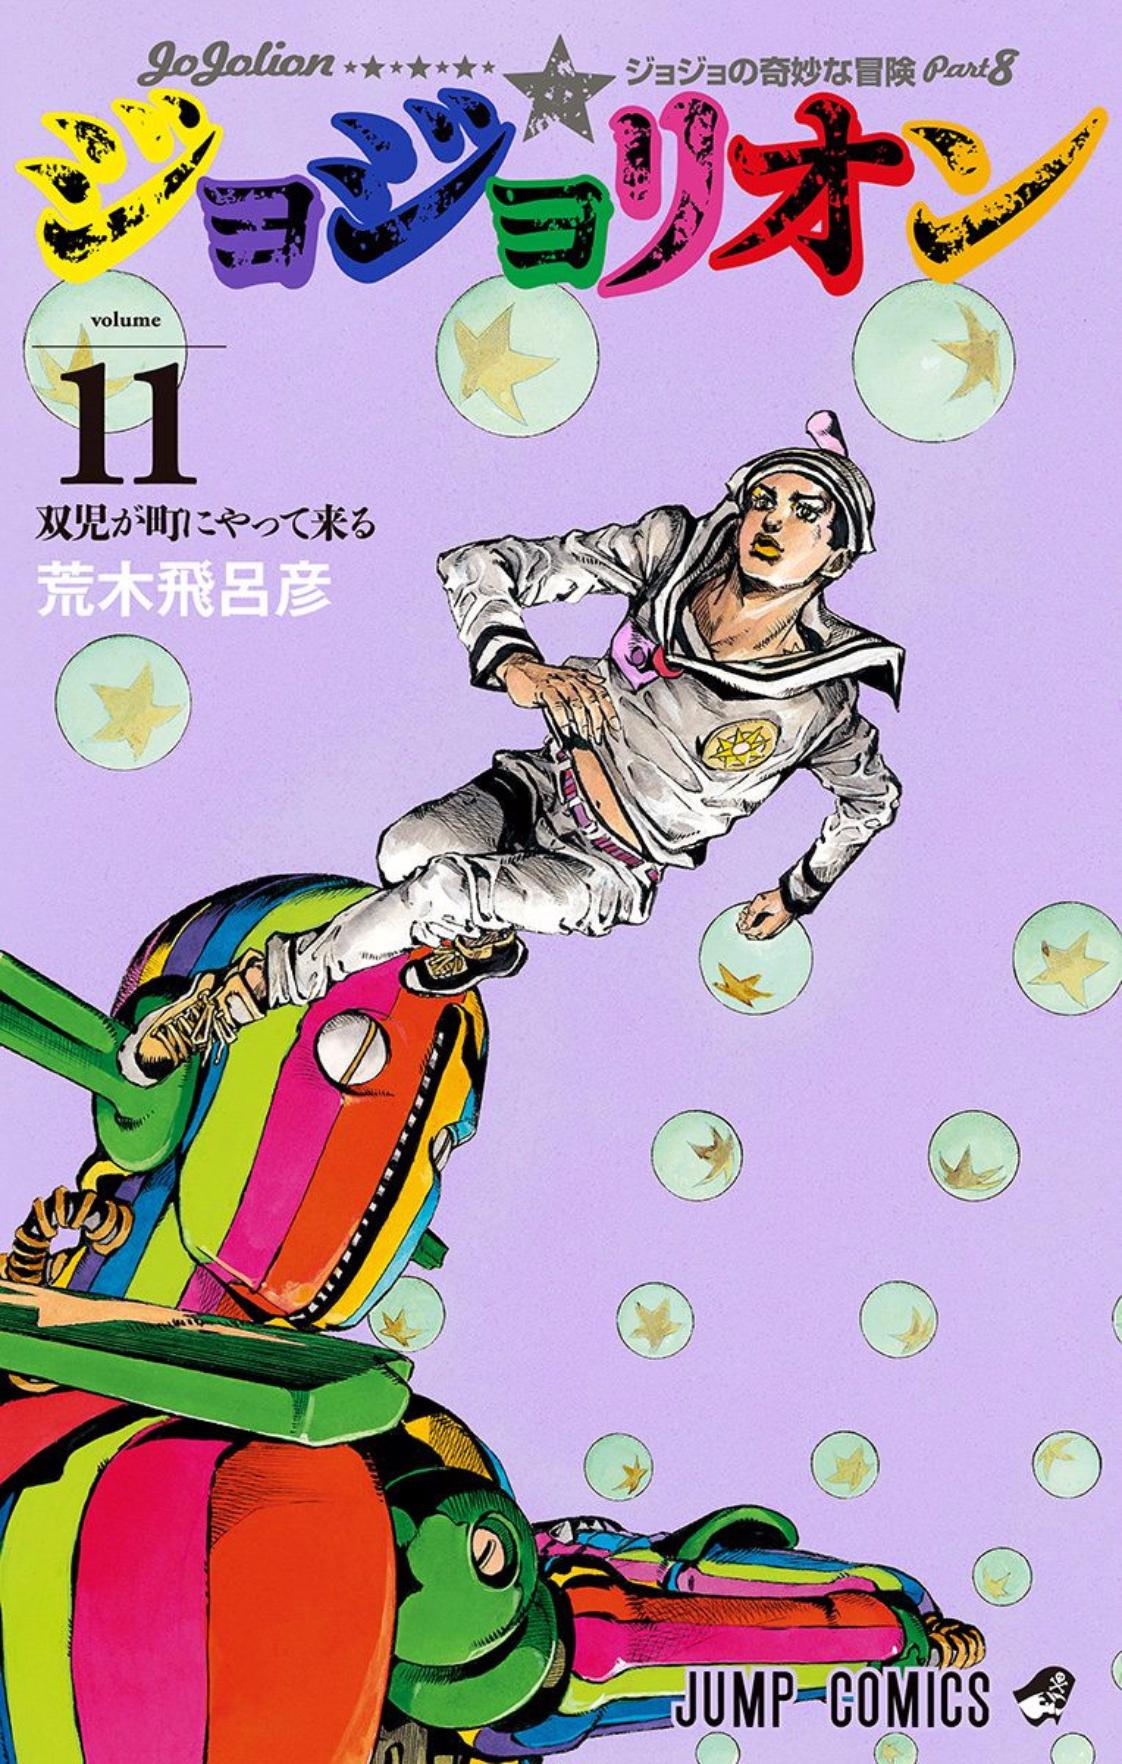 JJL Volumen 11